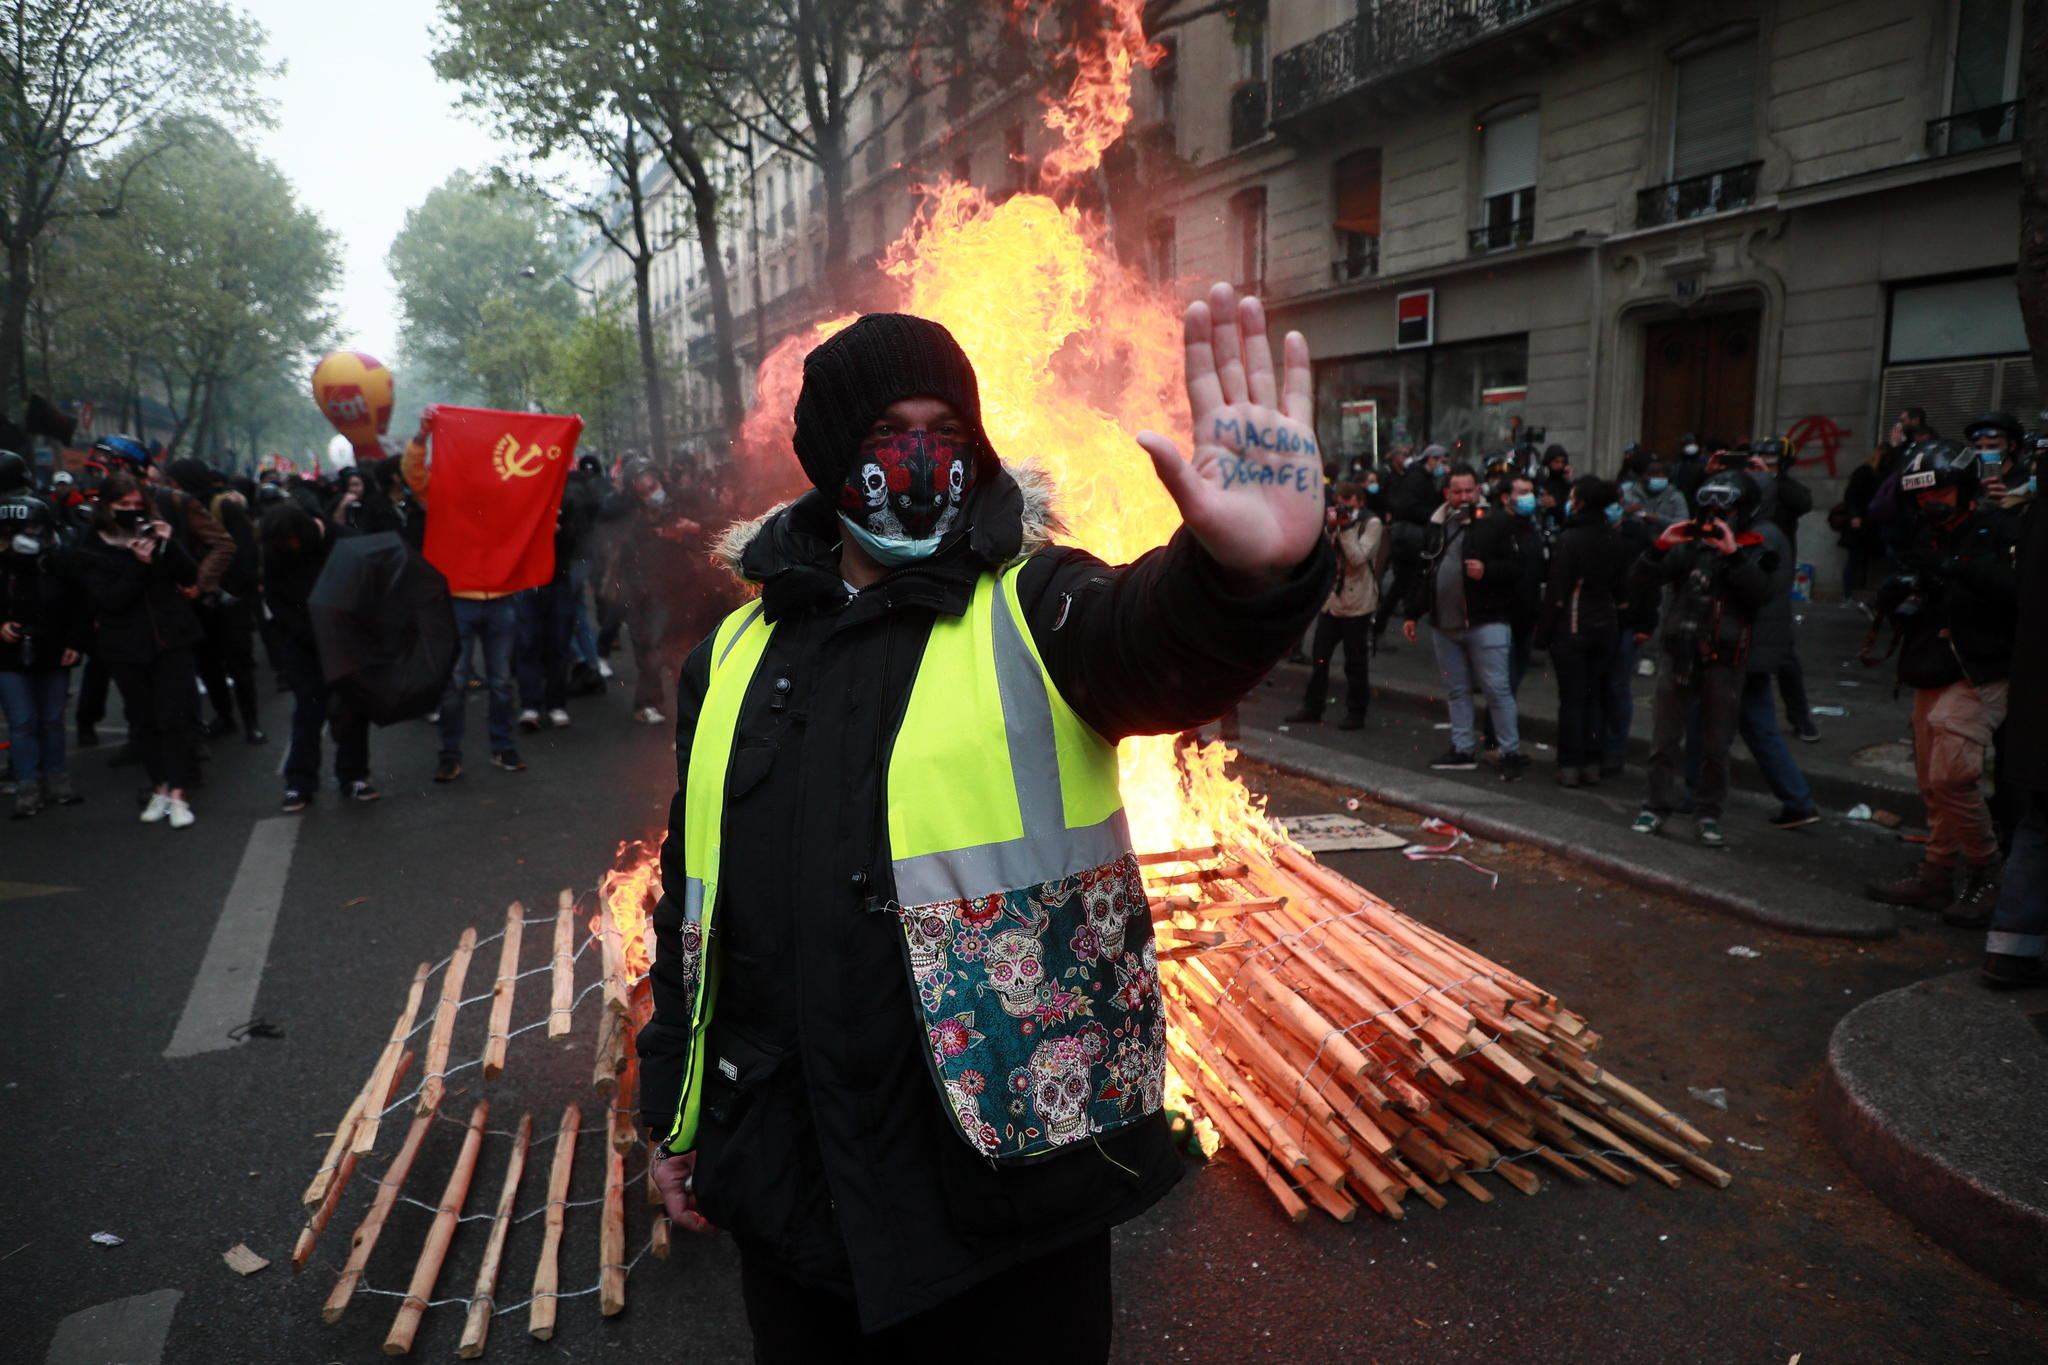 Un 'chaleco amarillo' ante una barricada de fuego en París, en la protesta por el 1 de Mayo.